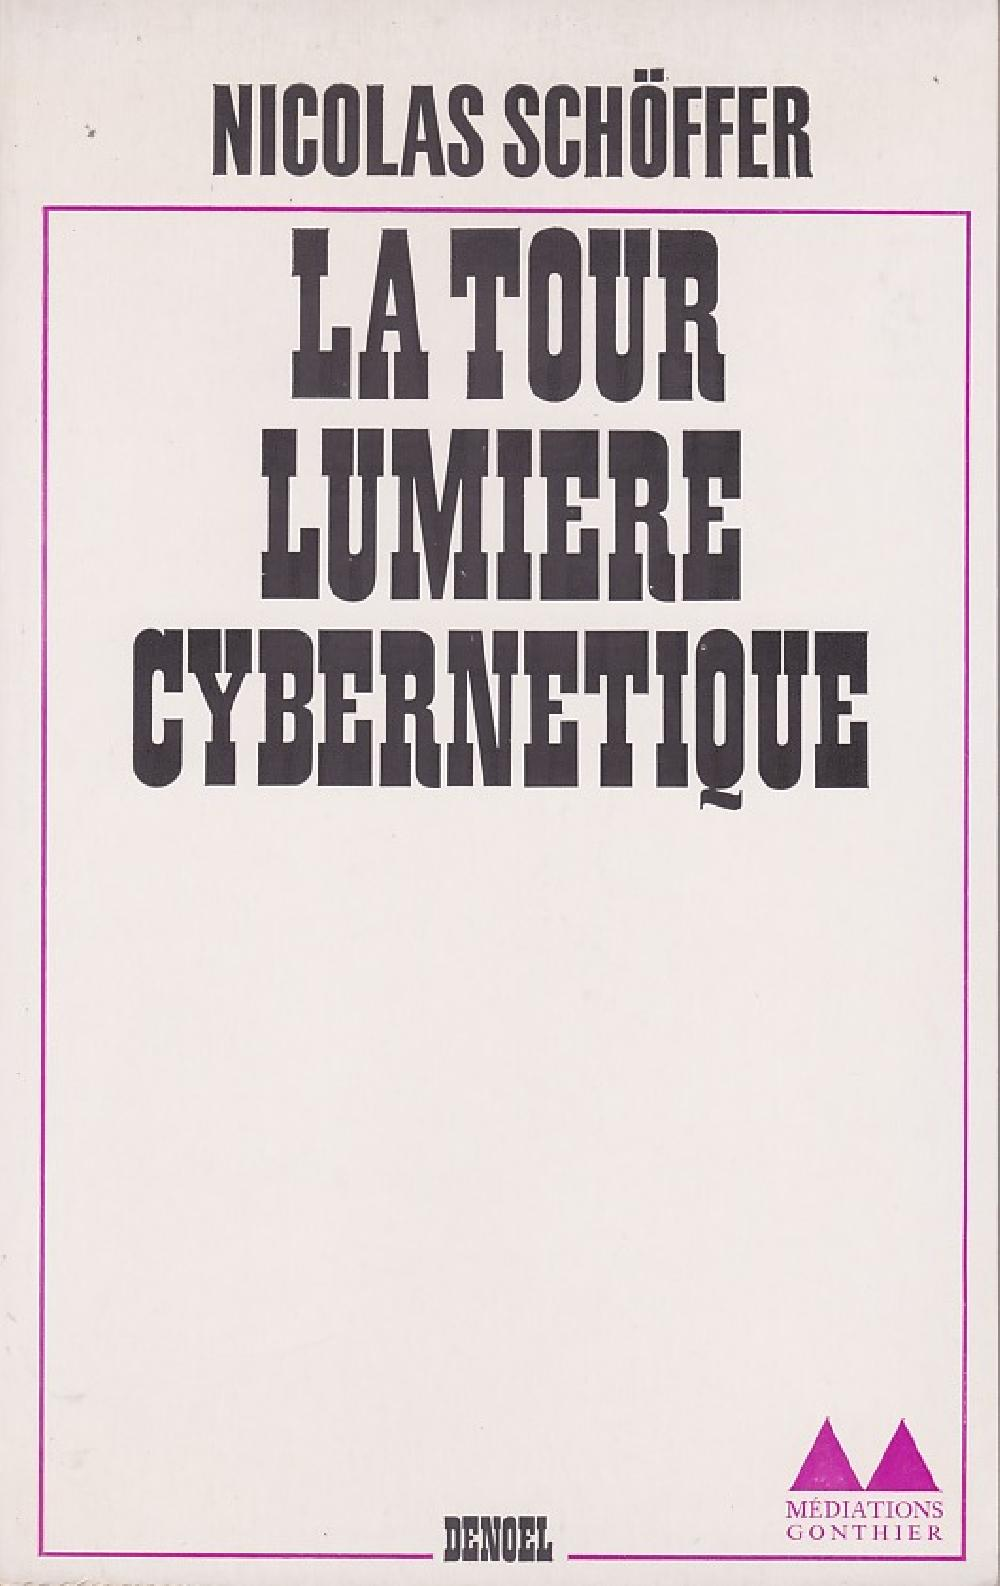 La tour lumière cybernétique